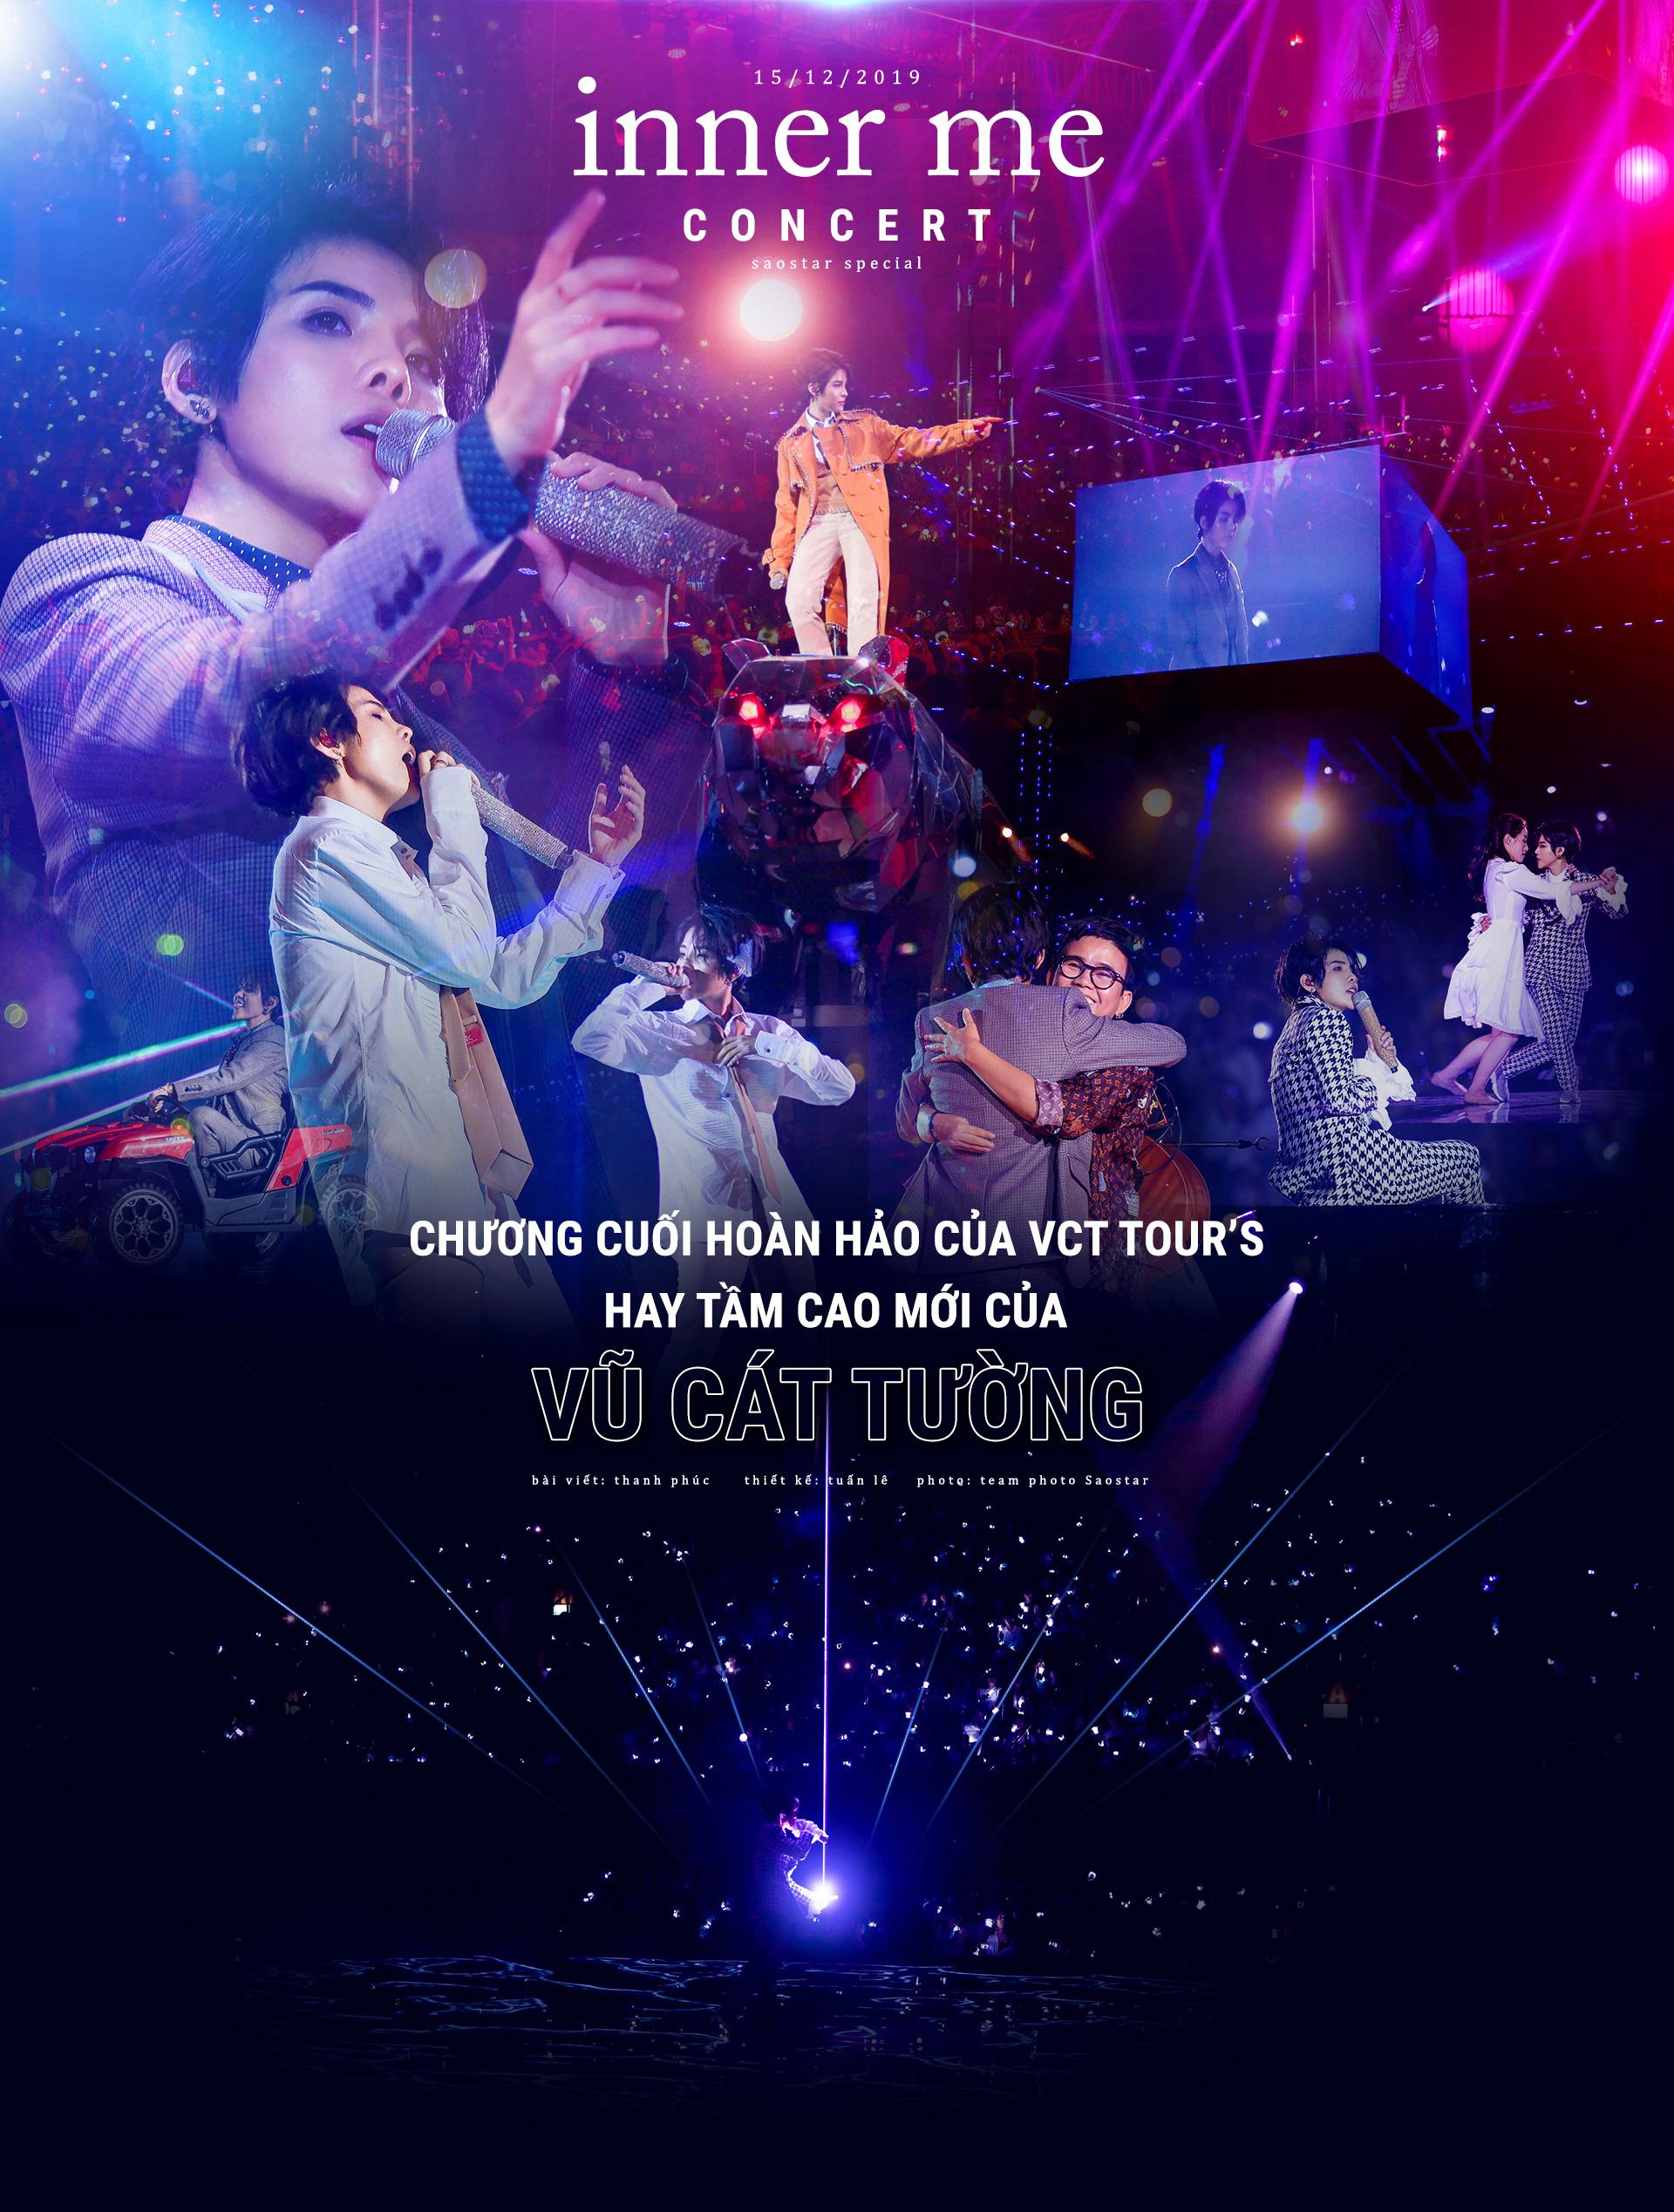 Inner Me concert: Chương cuối hoàn hảo của VCT Tour's 2019 hay tầm cao mới từ Vũ Cát Tường?